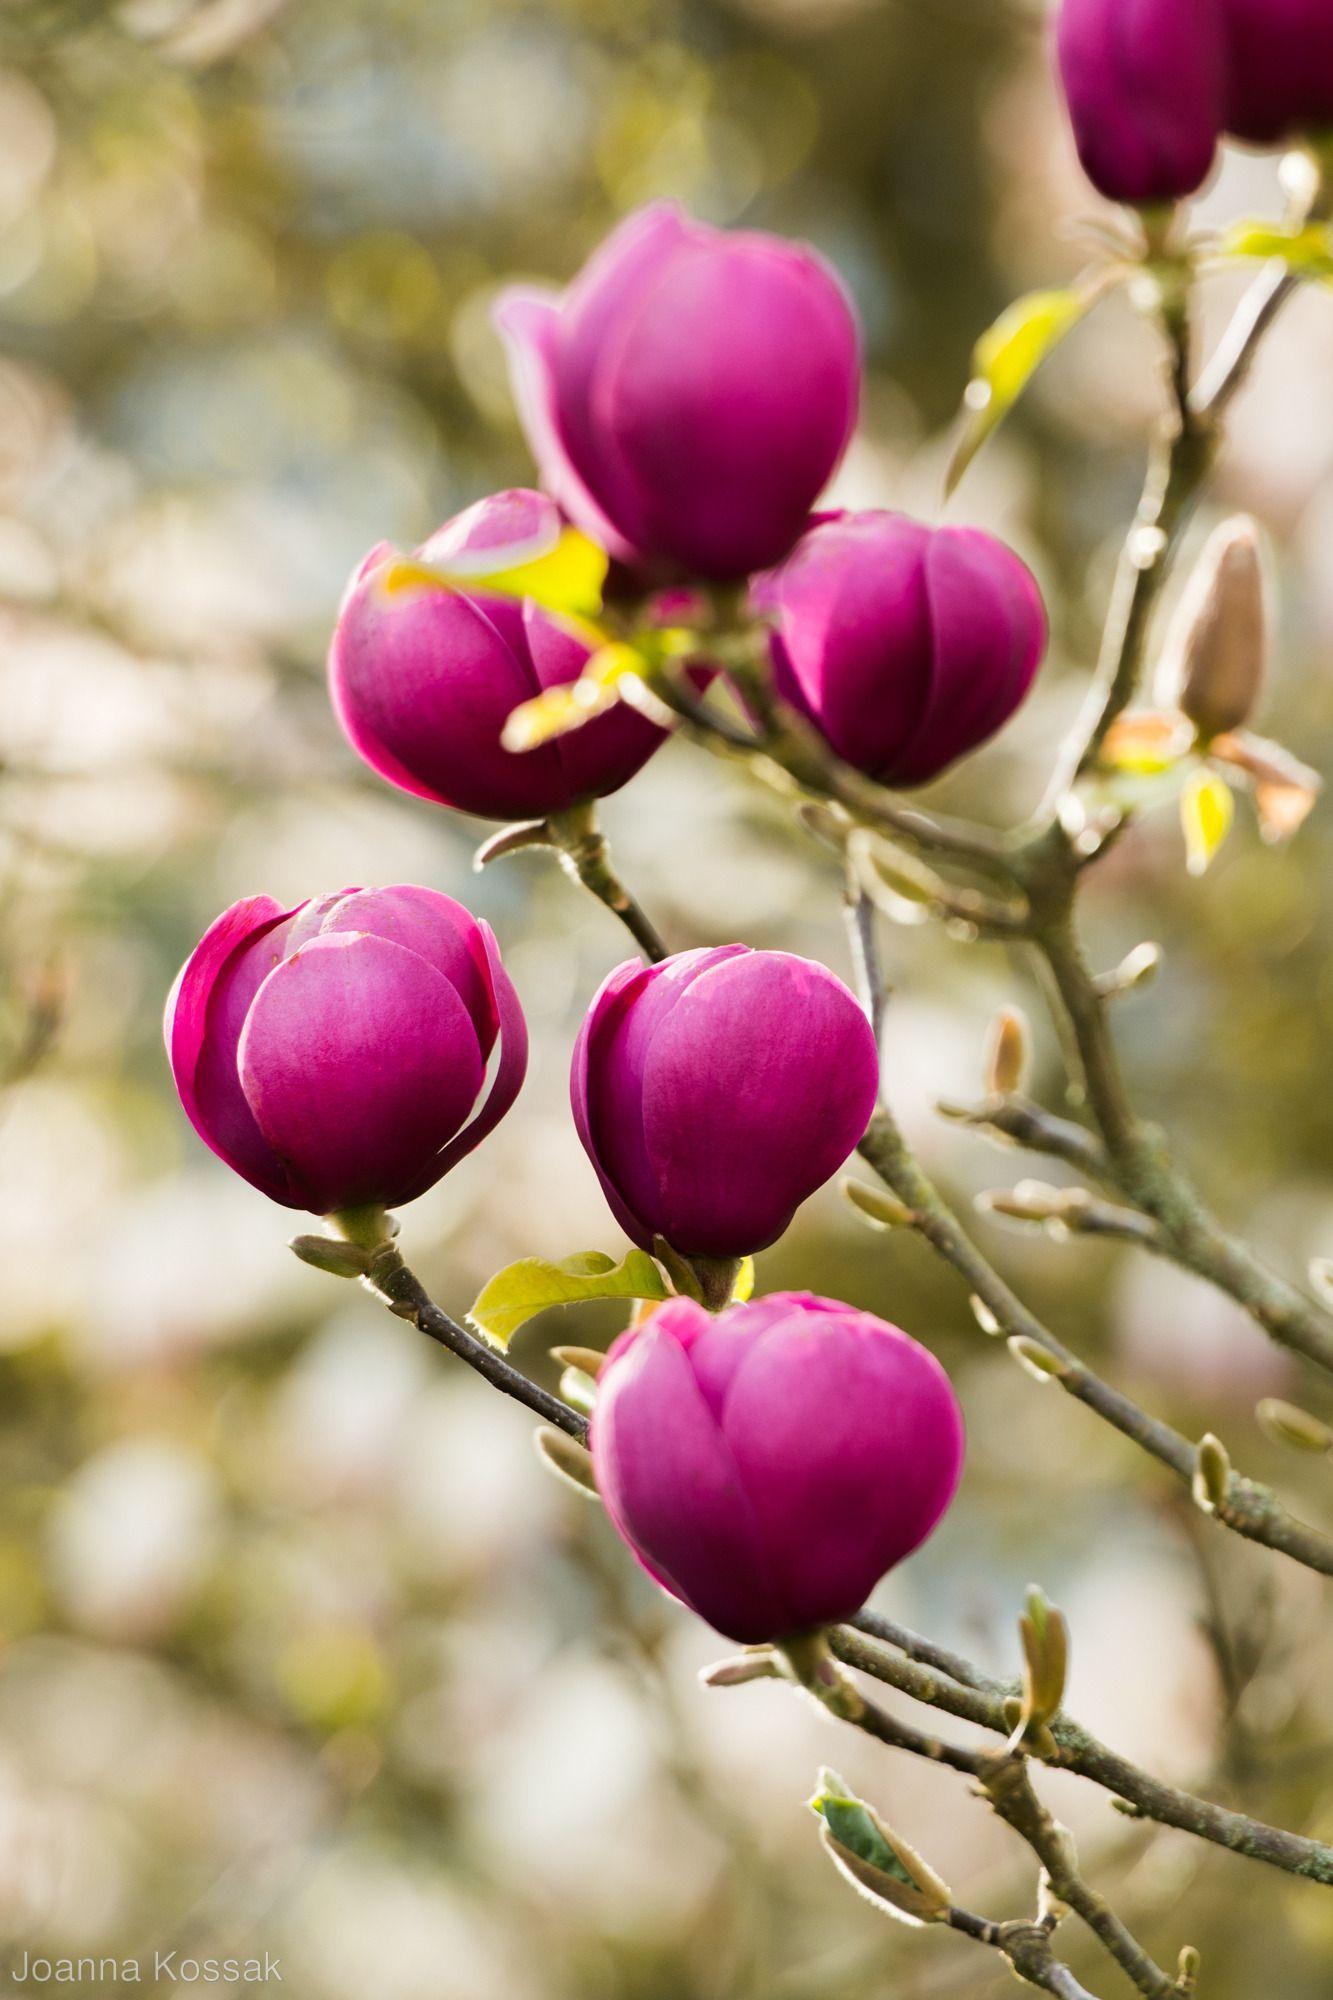 Magnolia Black Tulip Jurmag1 Joanna Kossak Magnolia